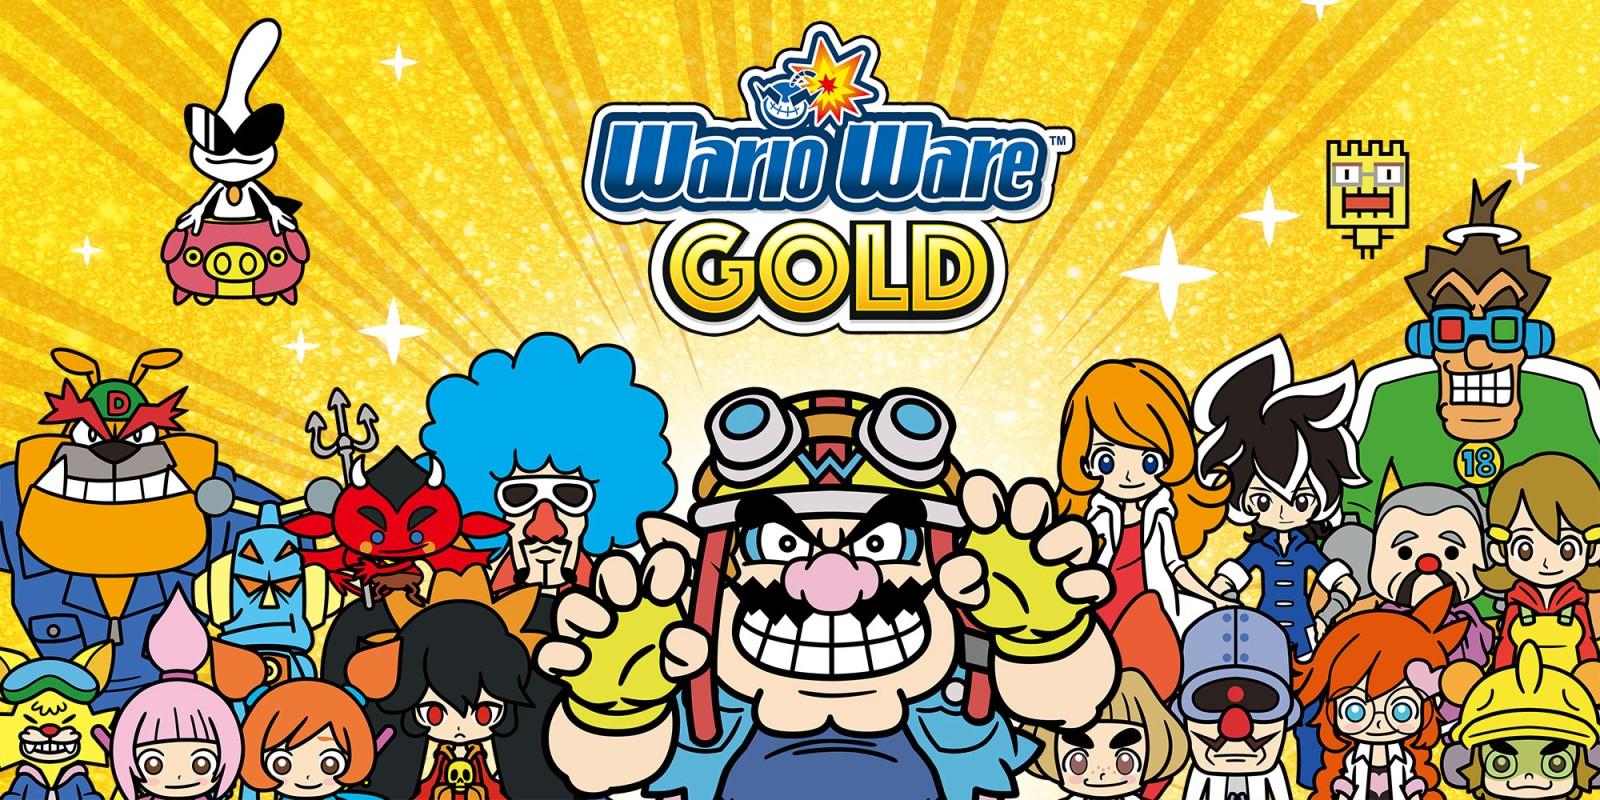 H2x1_3DS_WarioWareGold_image1600w.jpg